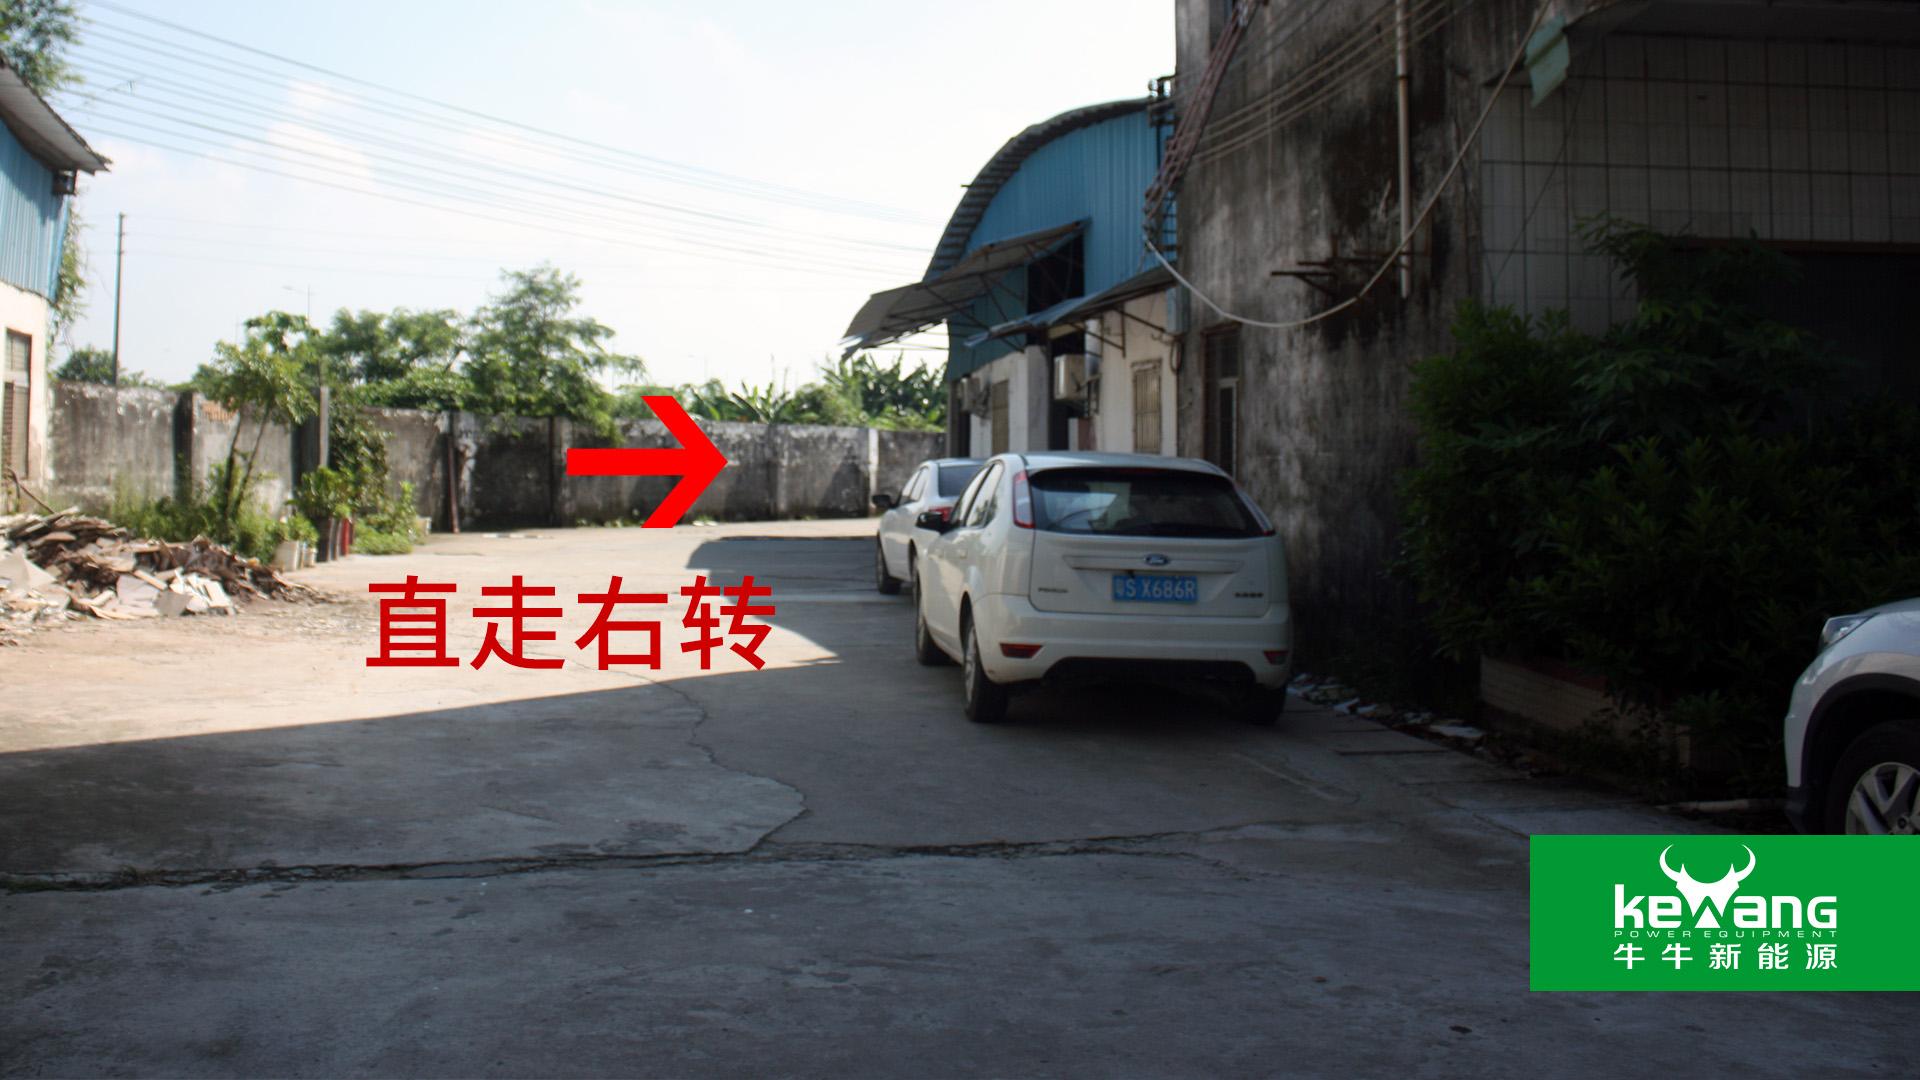 http://www.kewangxny.com/data/images/case/20191207145946_185.jpg